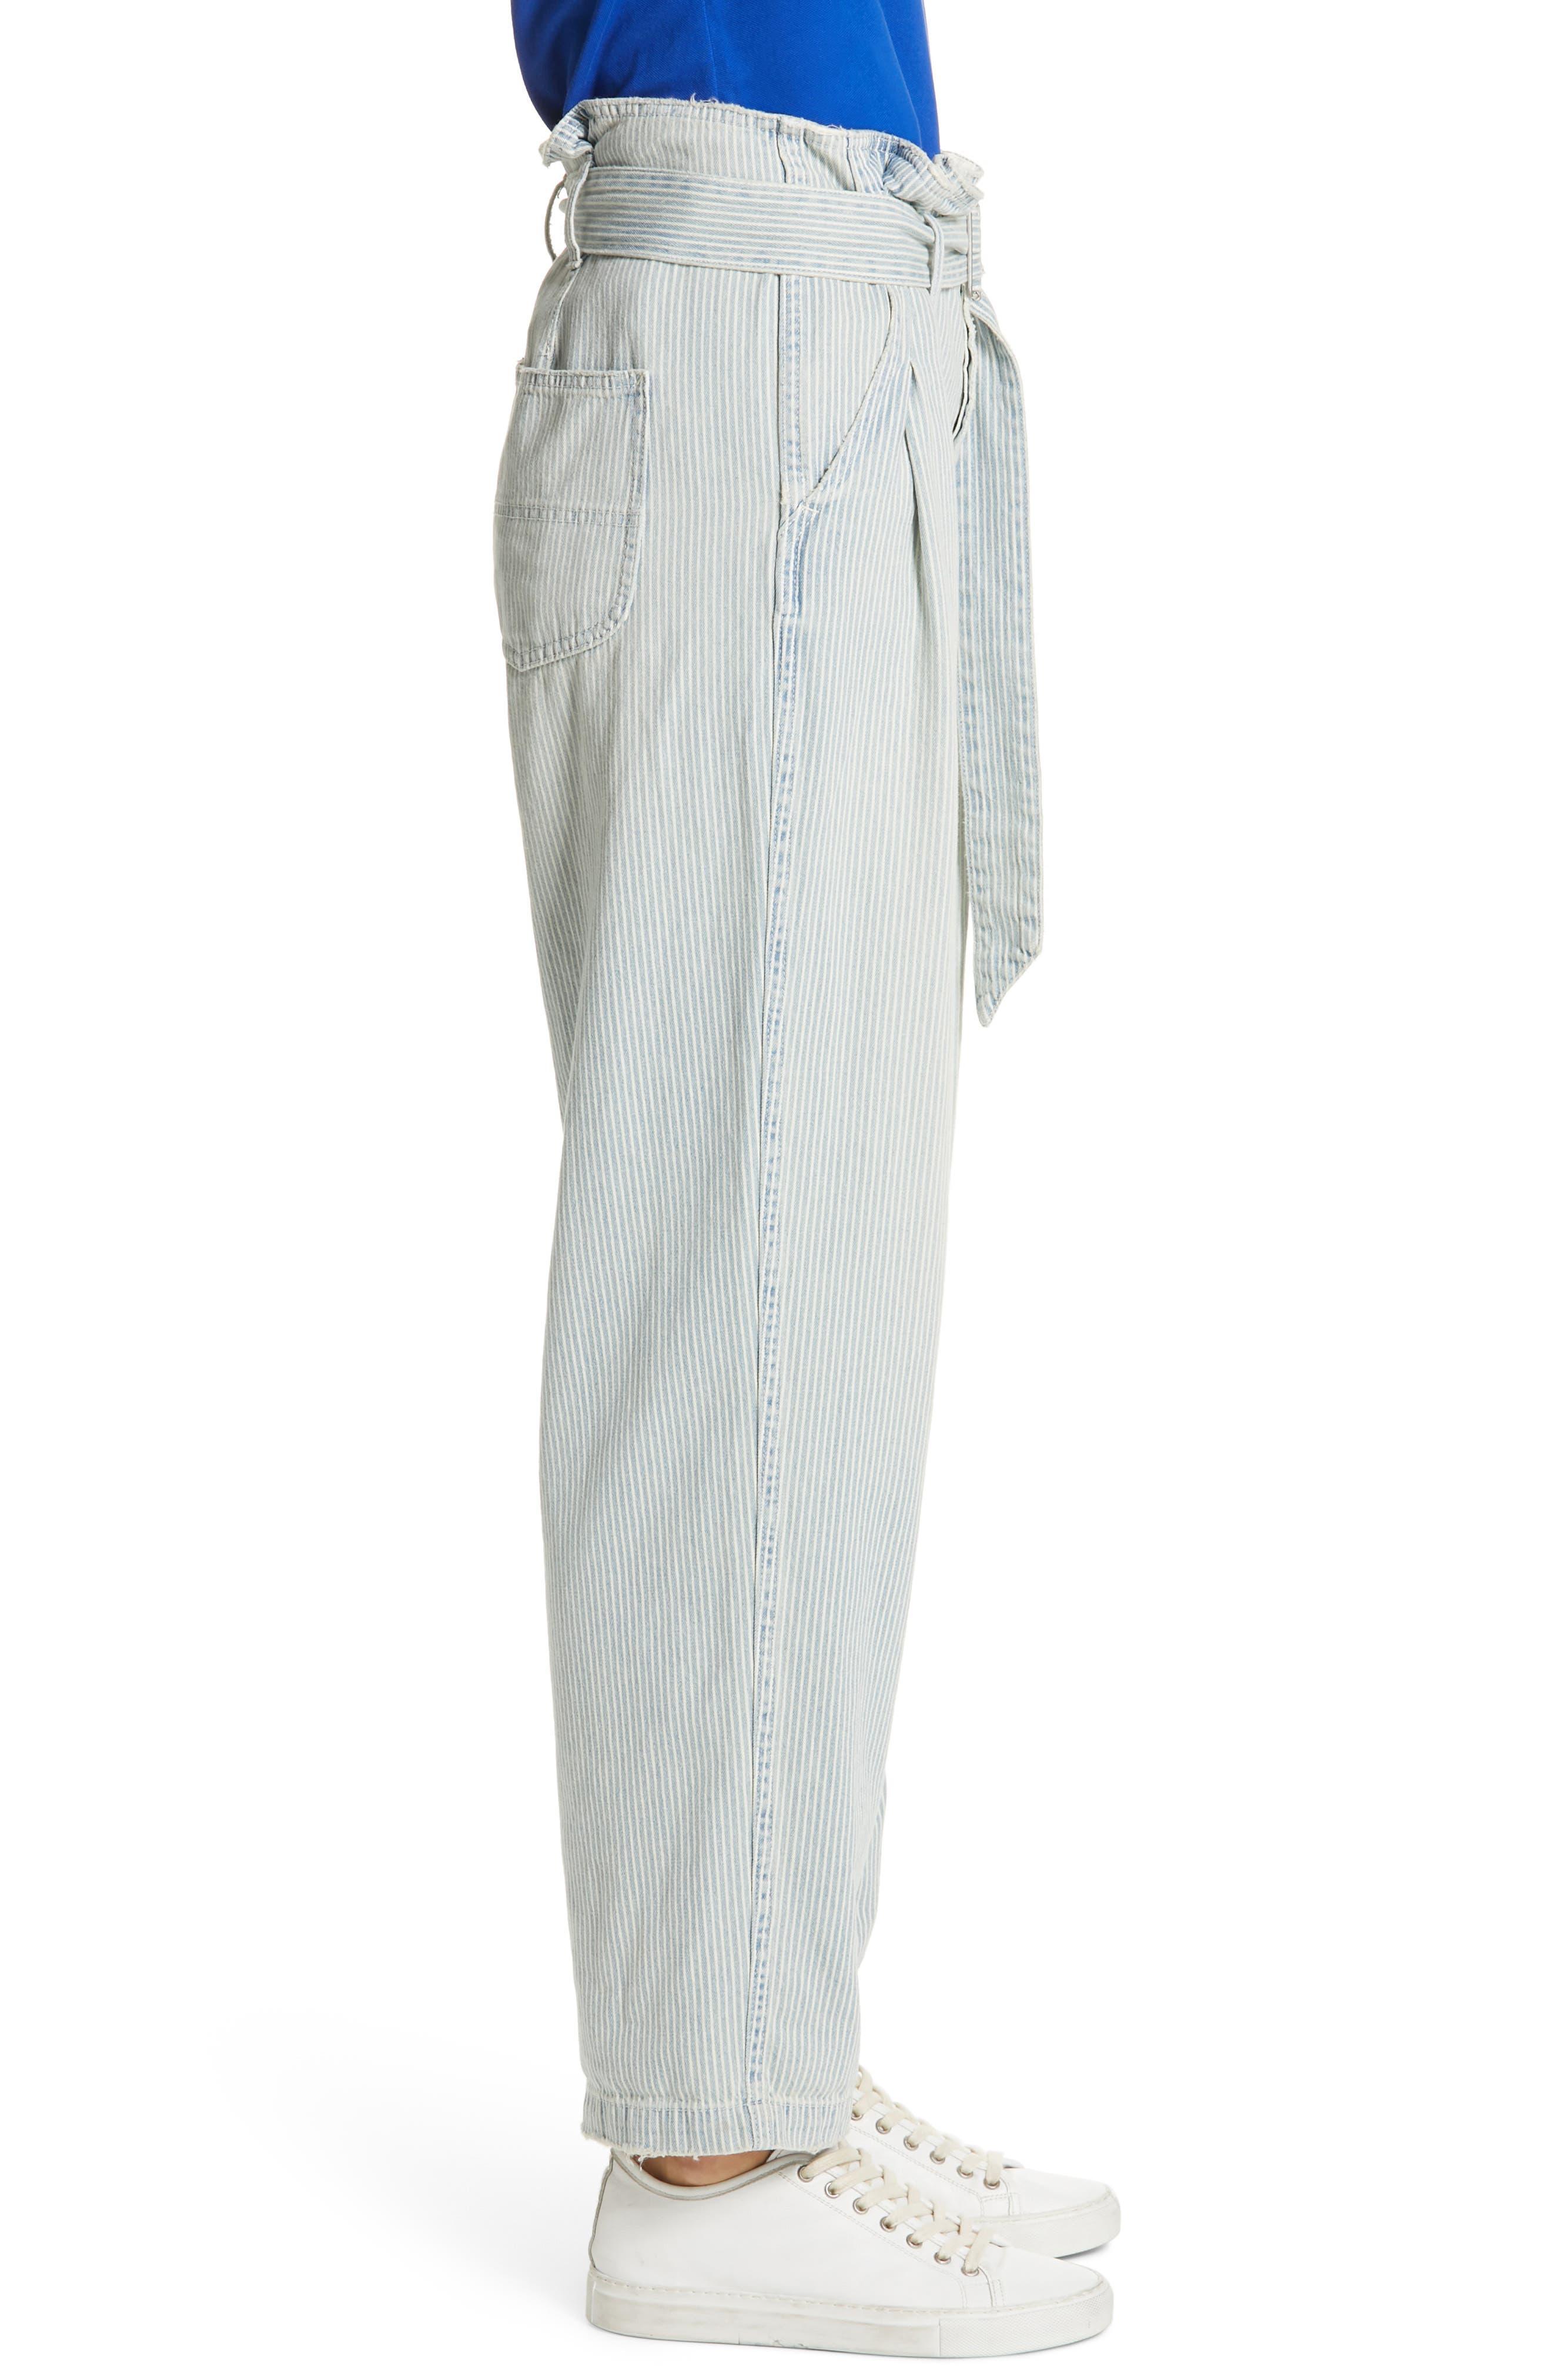 POLO RALPH LAUREN, Paperbag Waist Jeans, Alternate thumbnail 4, color, RAILROAD STRIPE